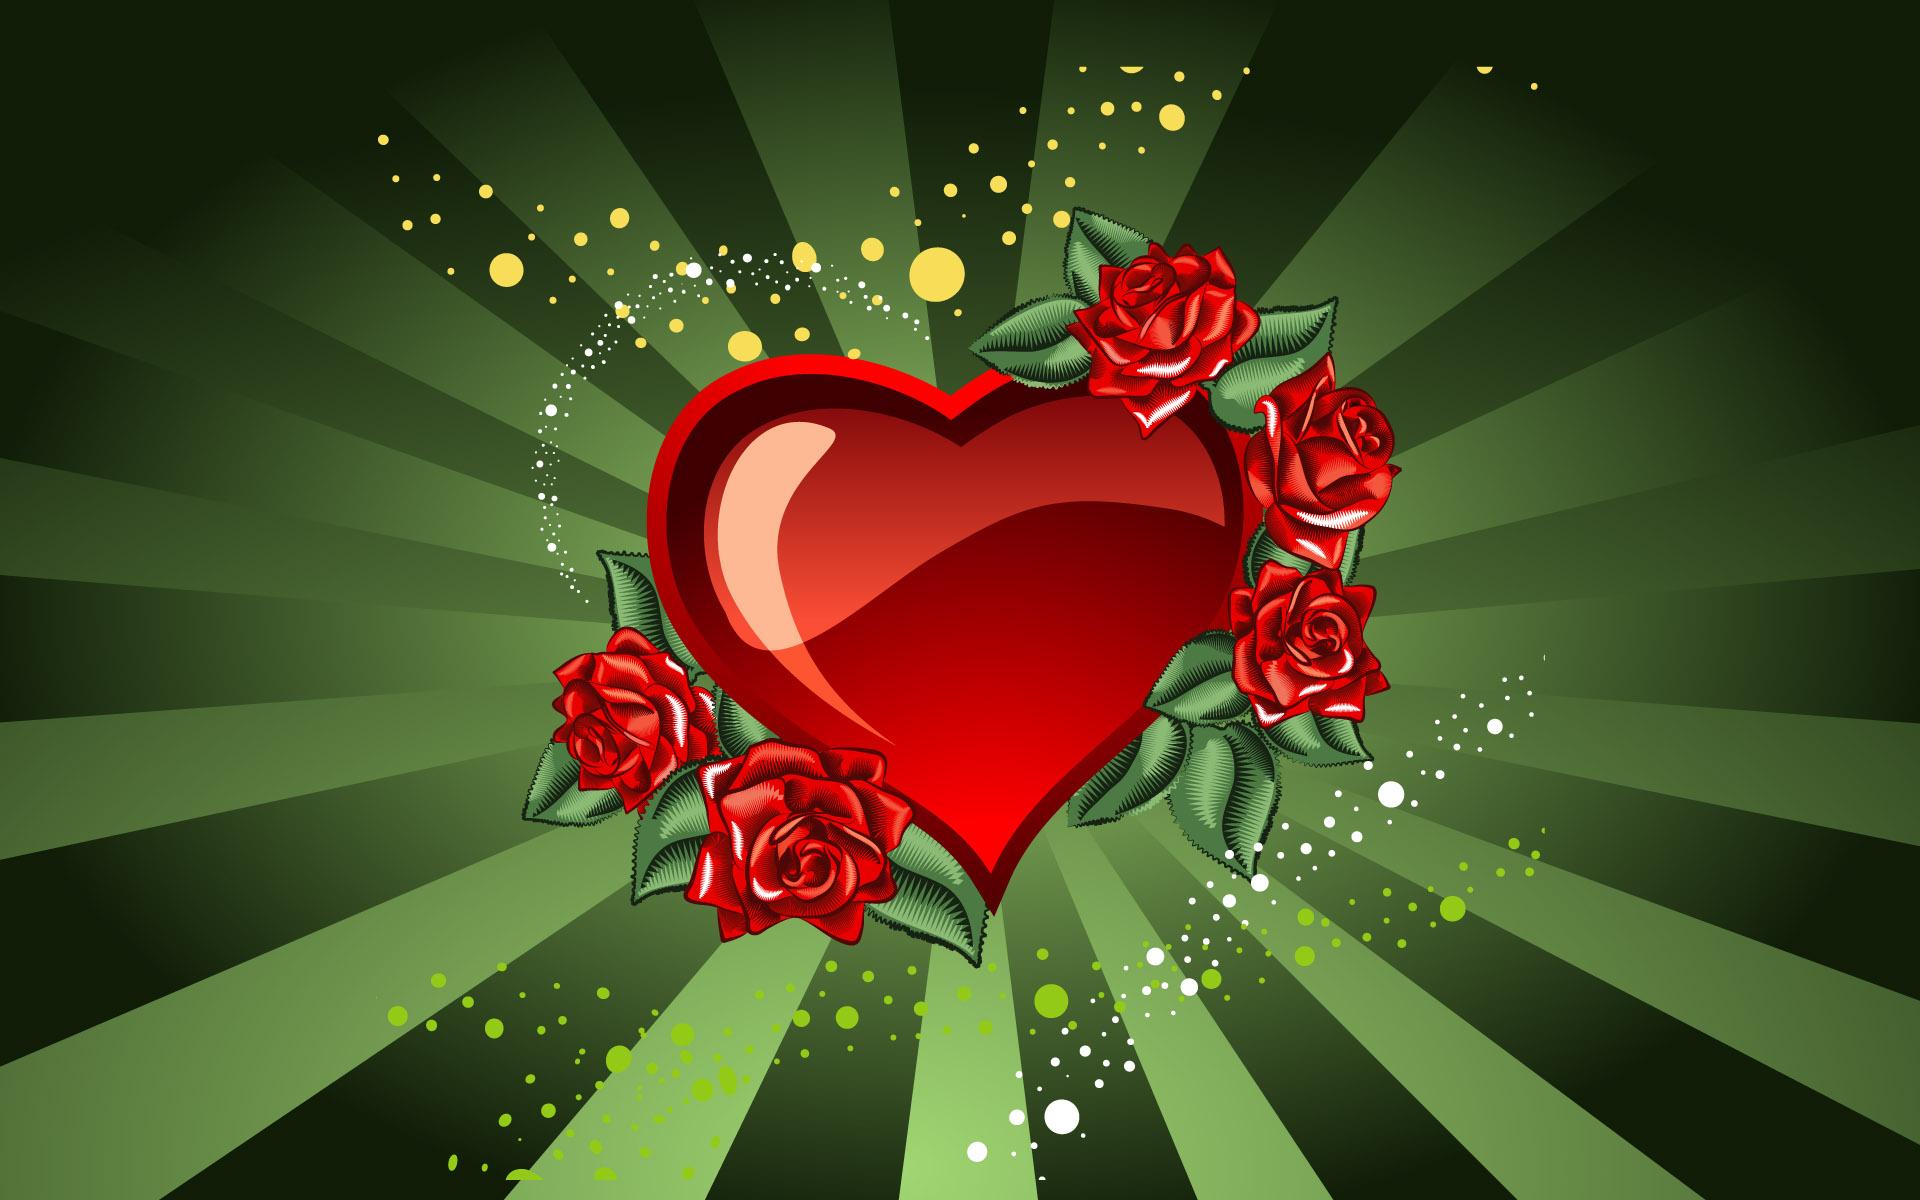 صور قلوب وحب ورومانسية وصورة قلب HD  (15)